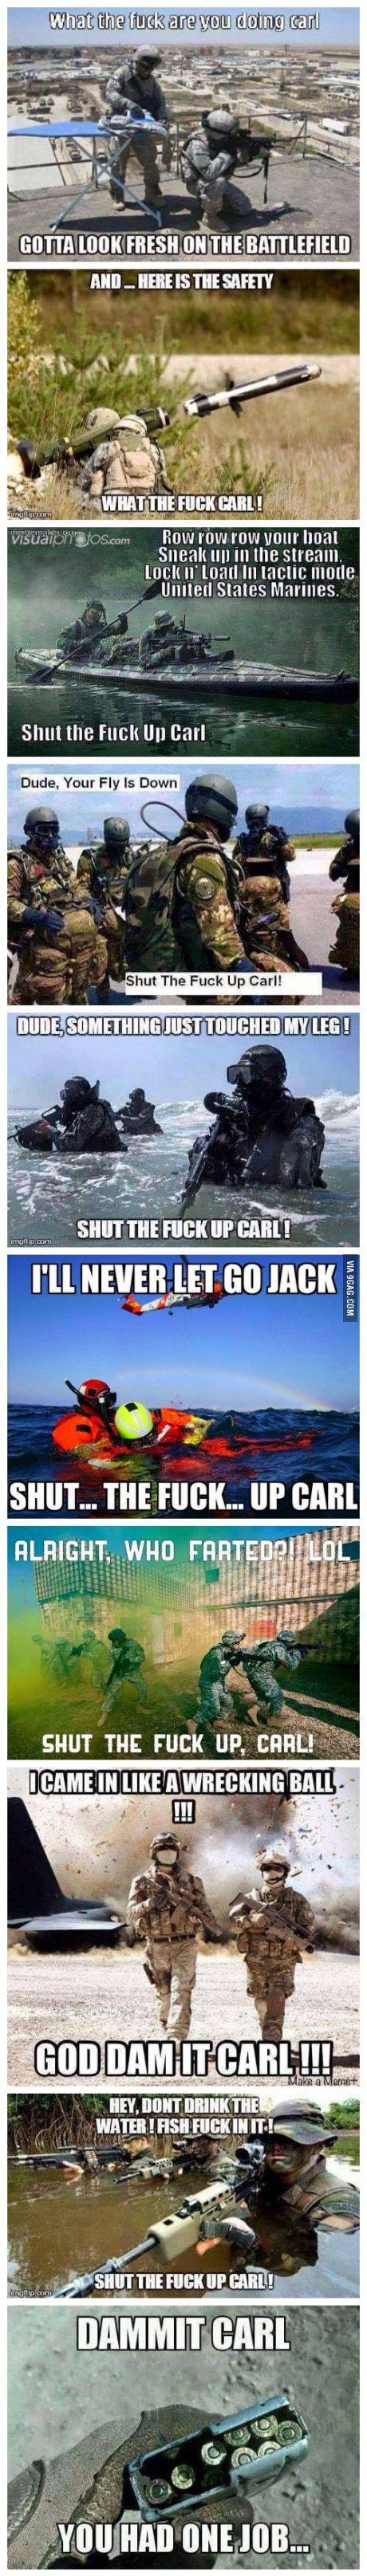 Dammit Carl